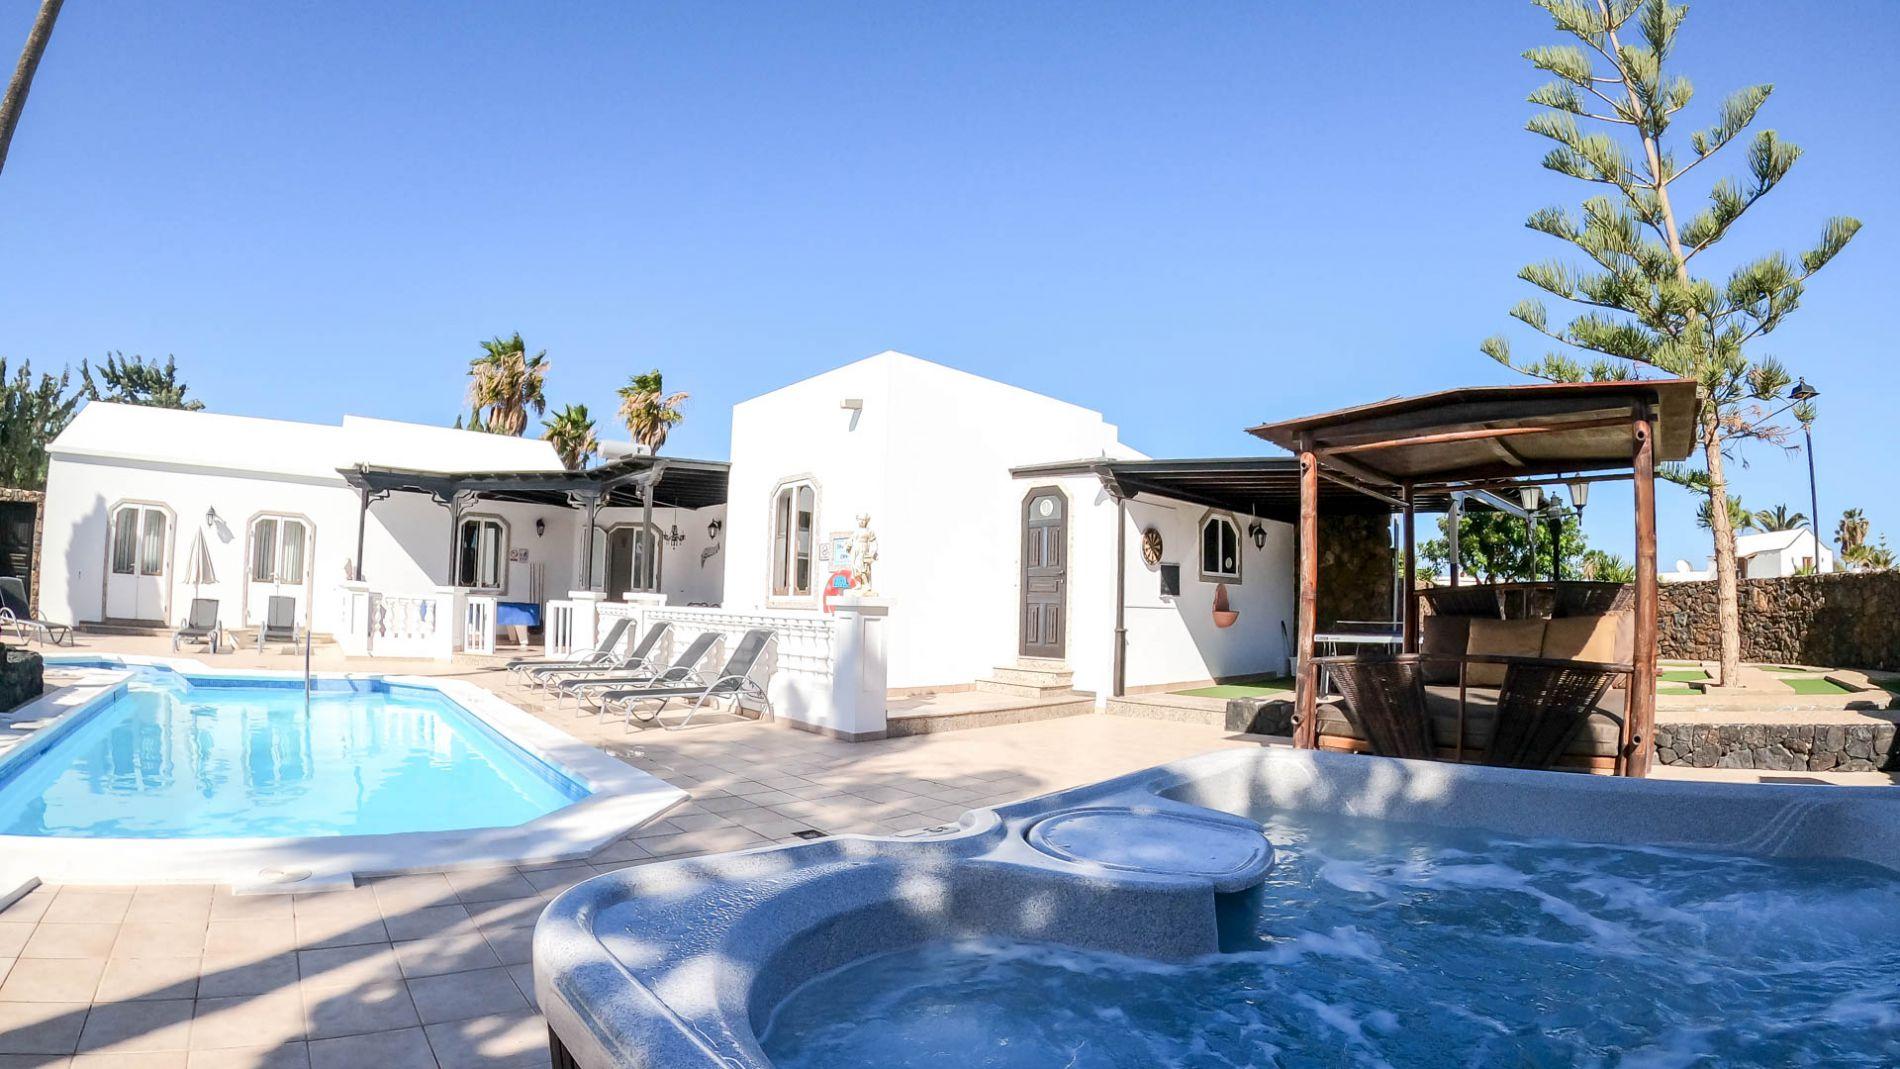 4 Bedroom Sleeps 8 Villa Rental Lanzarote No Booking Fees P54877